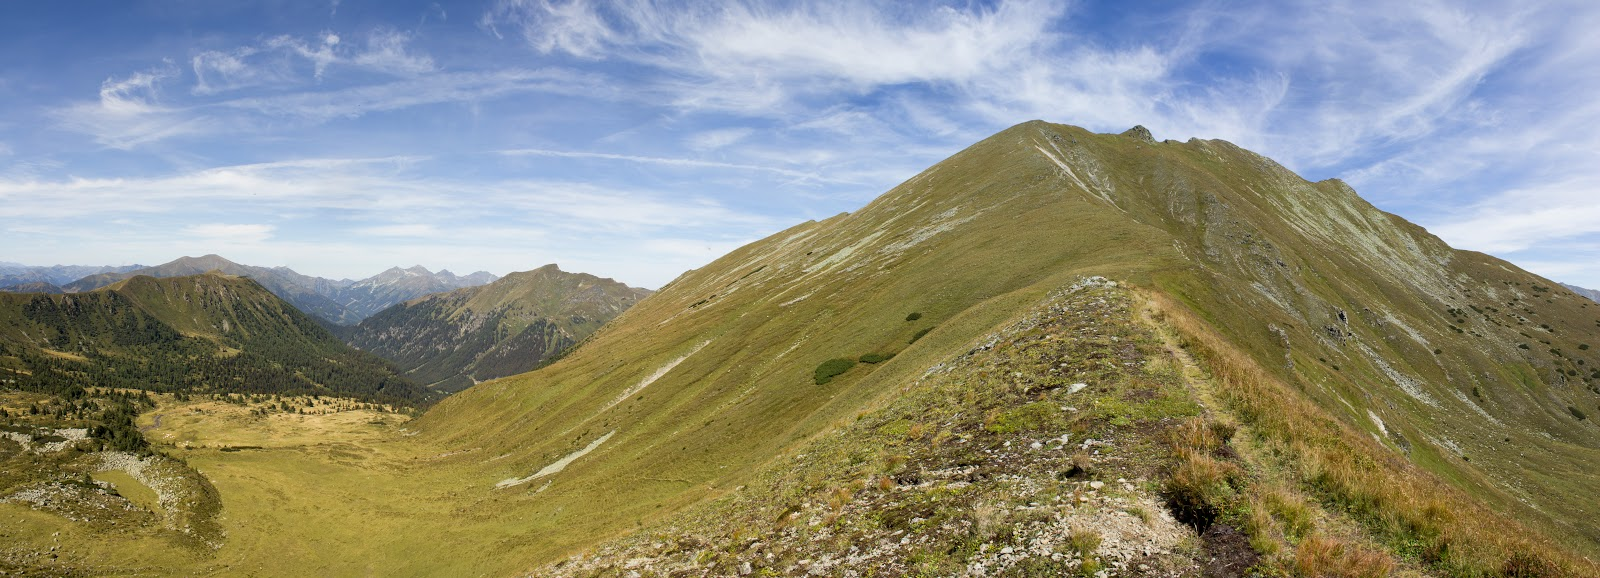 Wandern im Bärental - von der Franzlbauerhütte auf den Gamskögel - Triebener Tauern - Steiermark